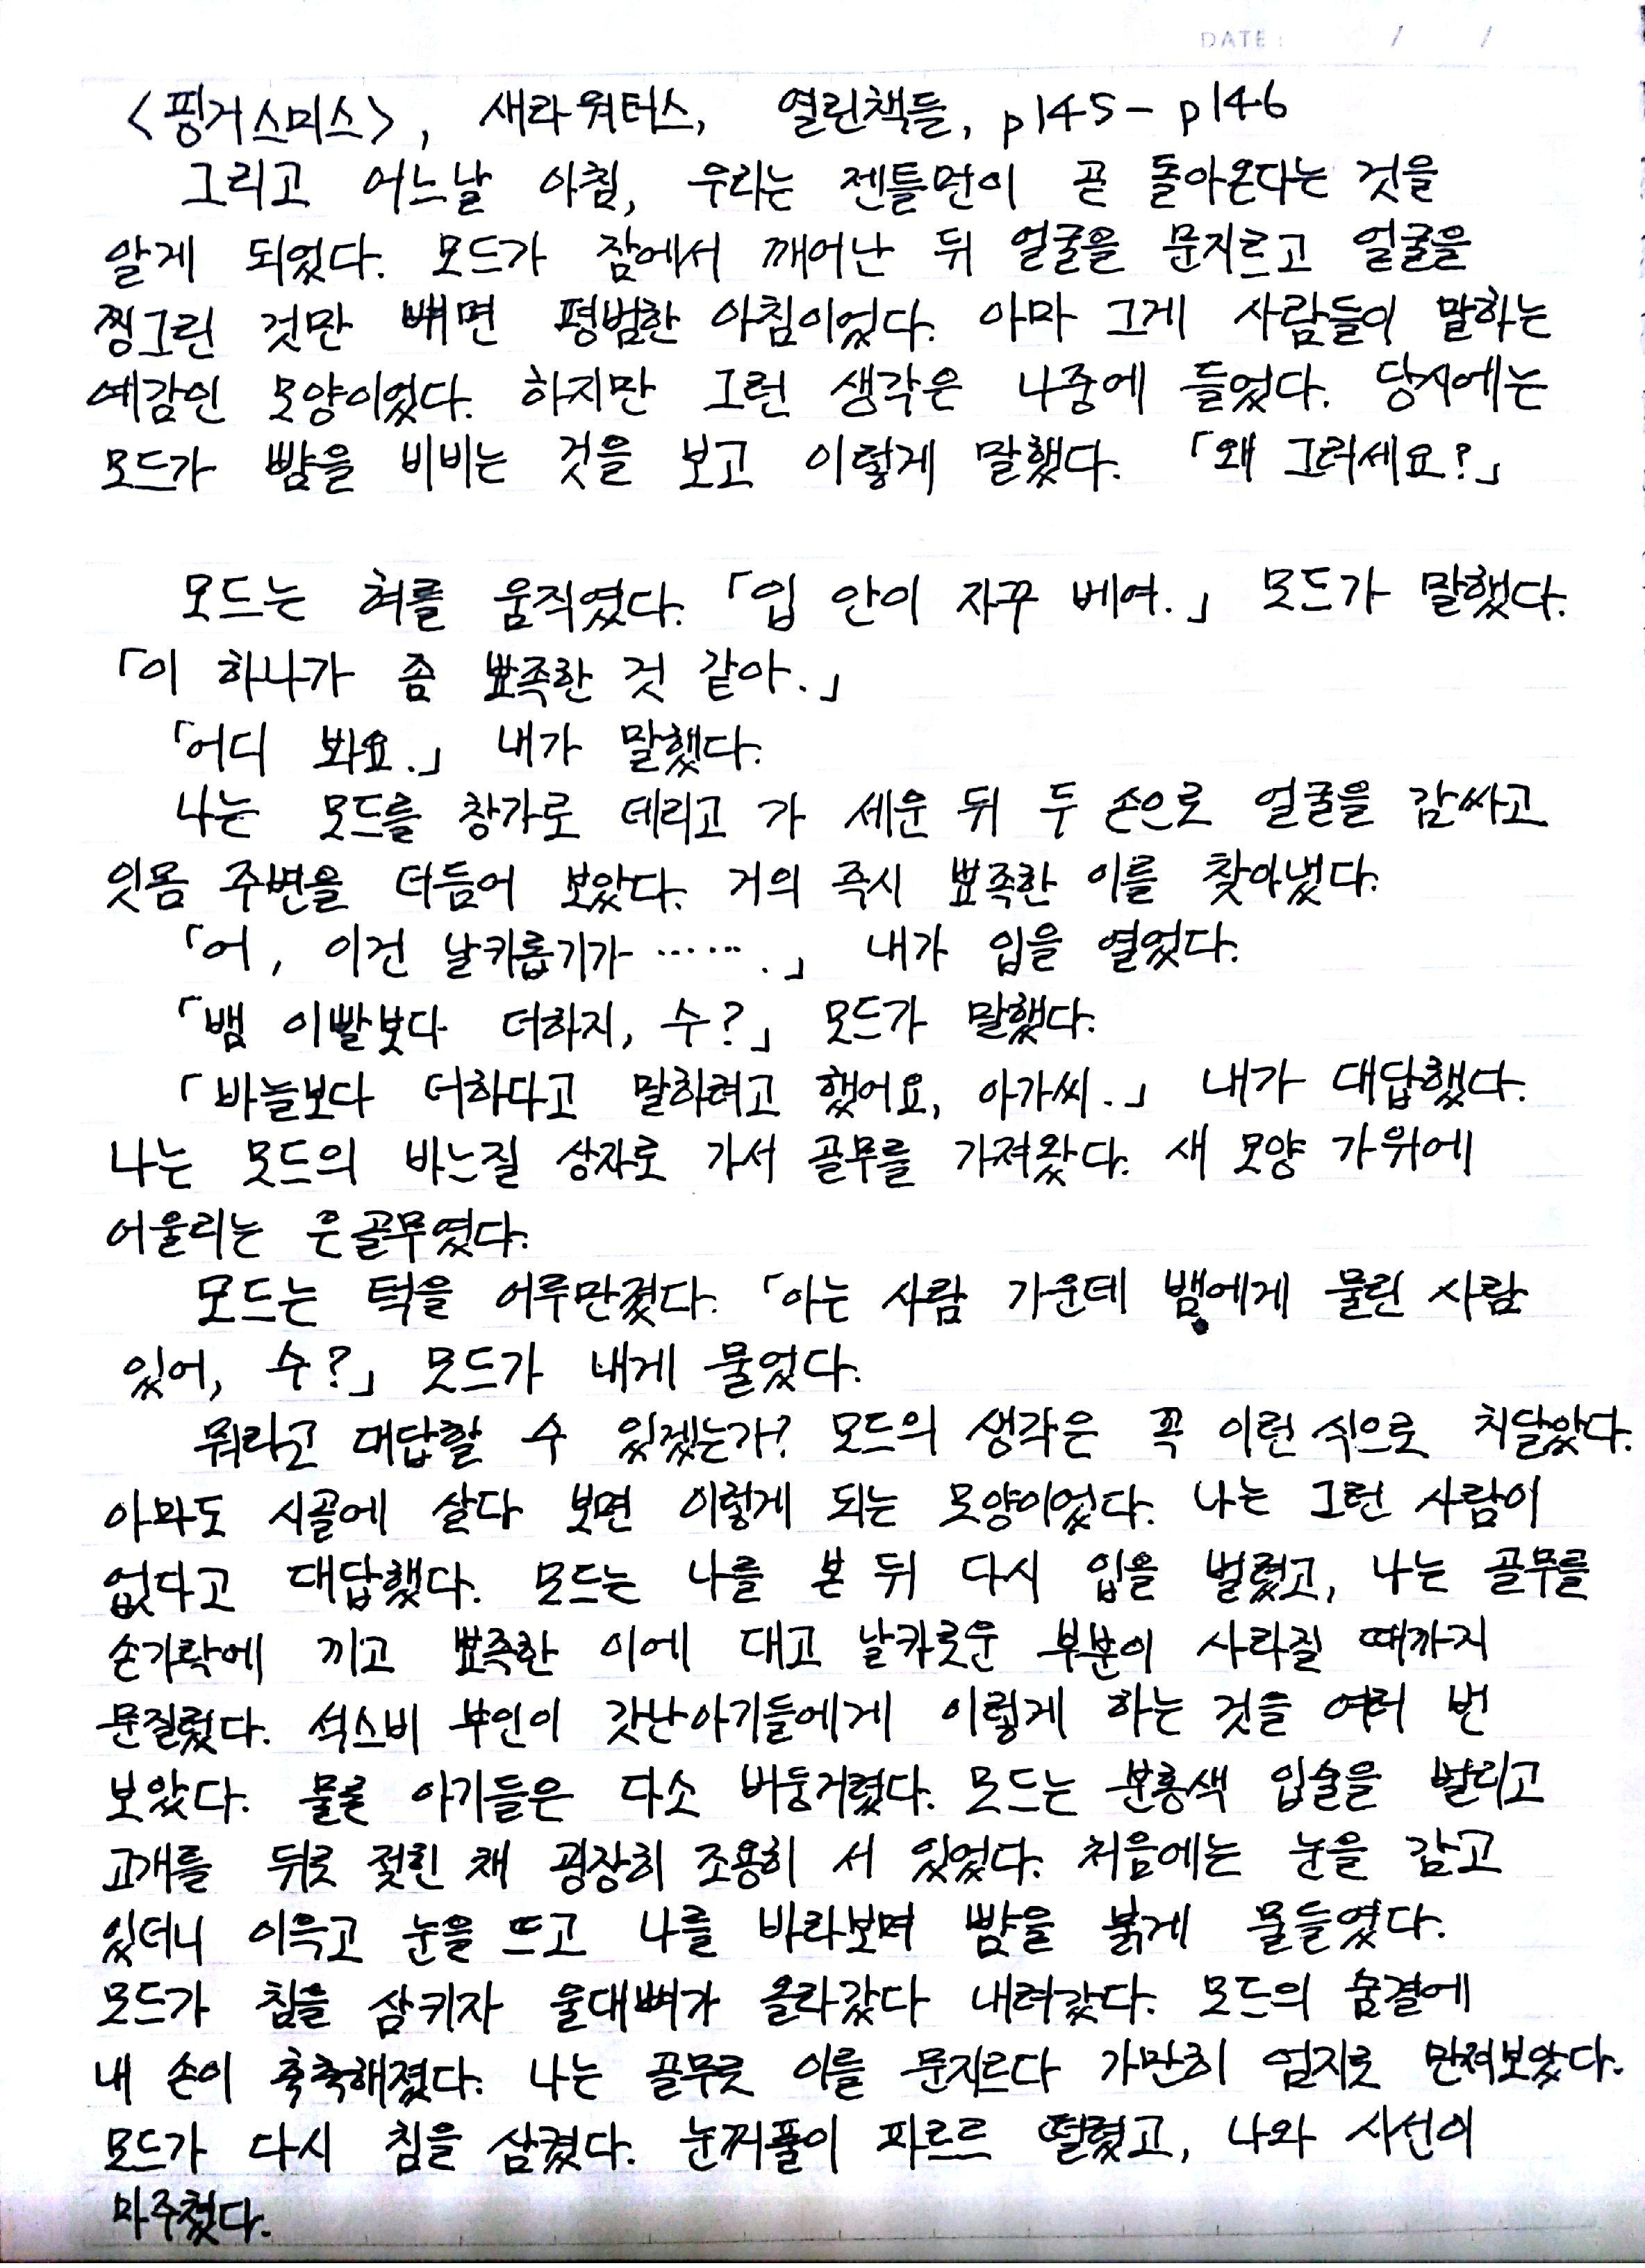 <핑거스미스>, 세라워터스, 열린책들 p145-p146